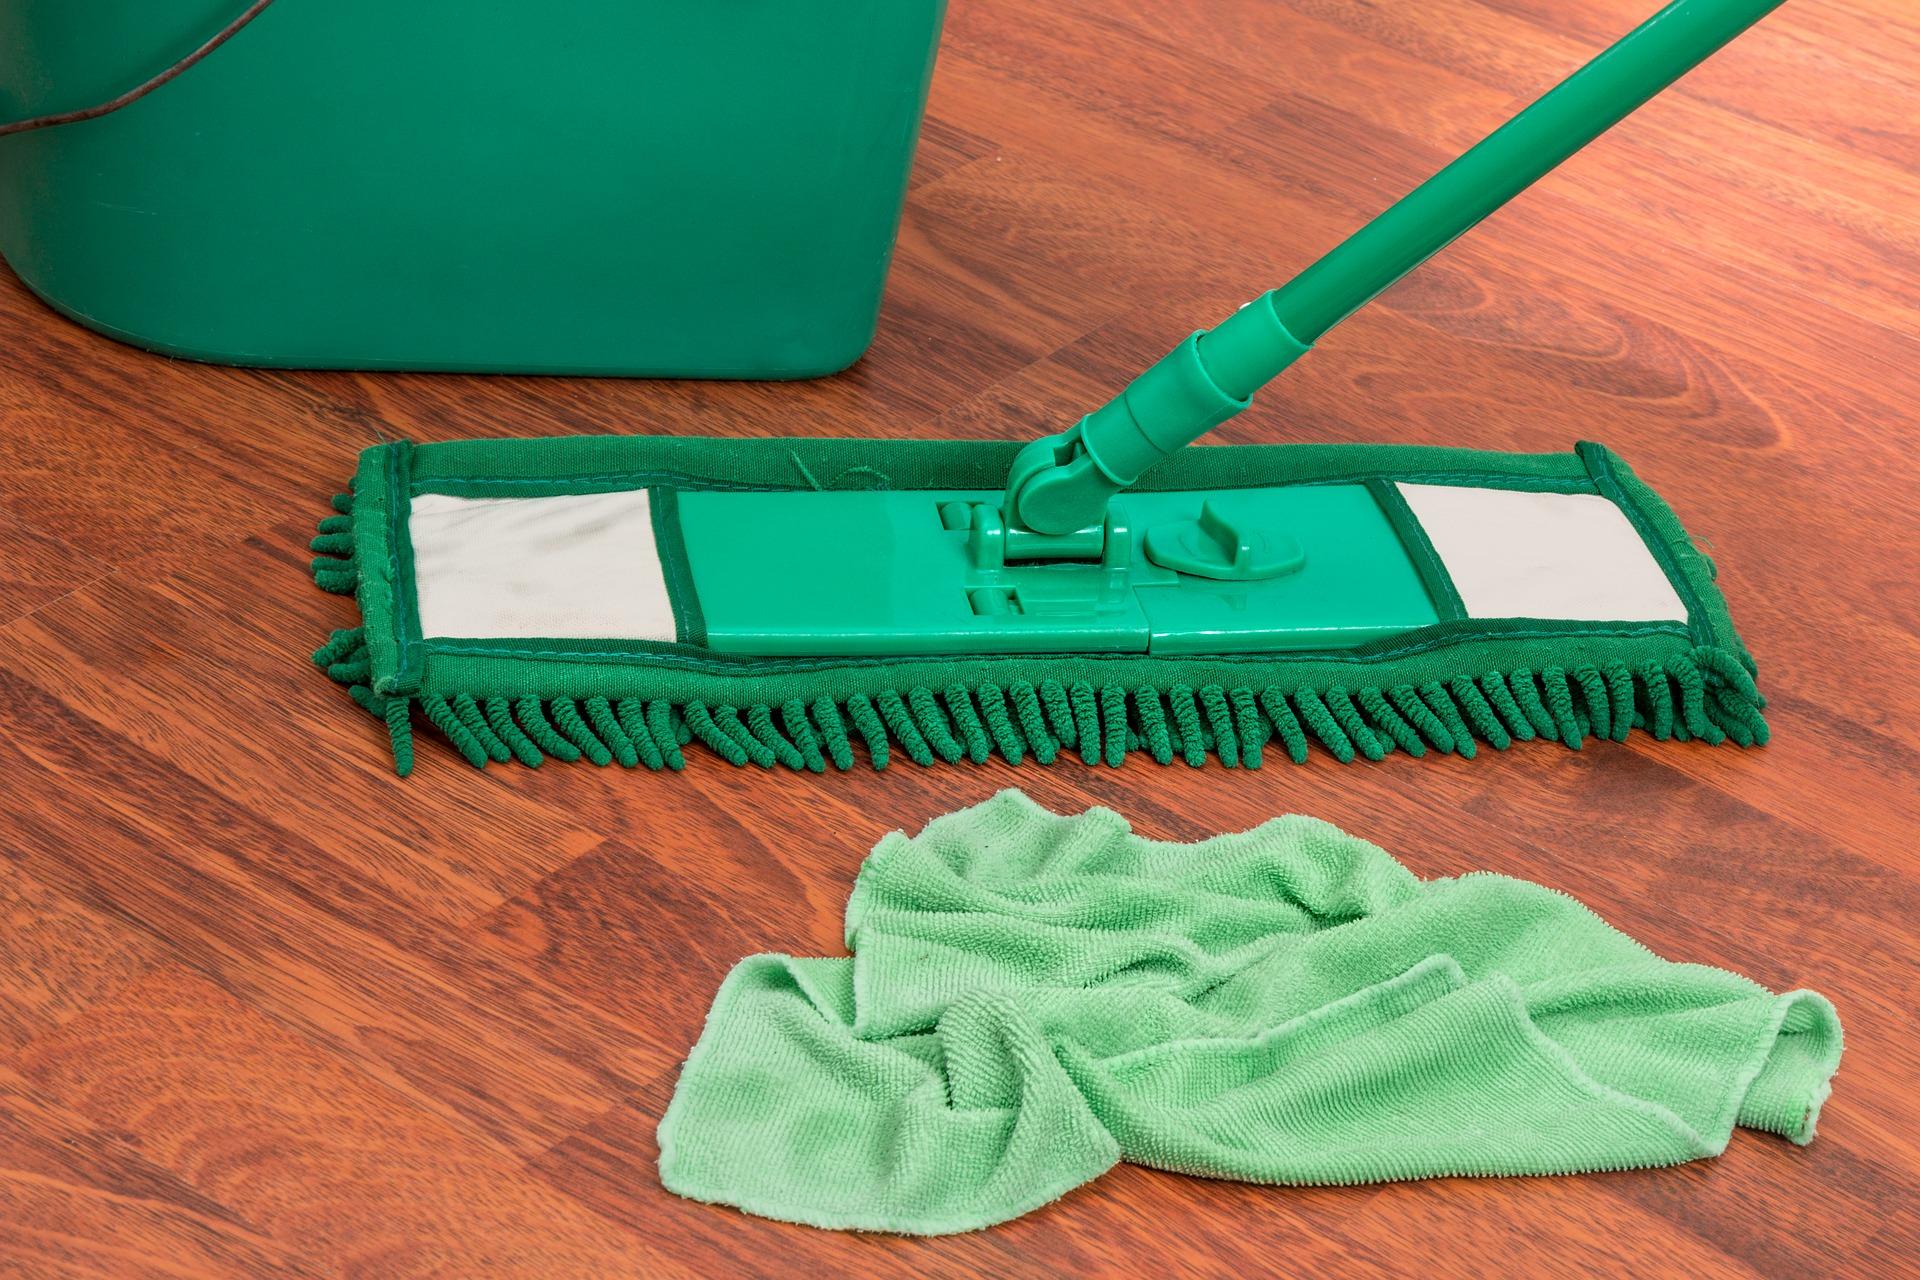 Stručný návod na správnu dezinfekciu plôch vpráci aj doma: prevezmite si ho alebo vytlačte